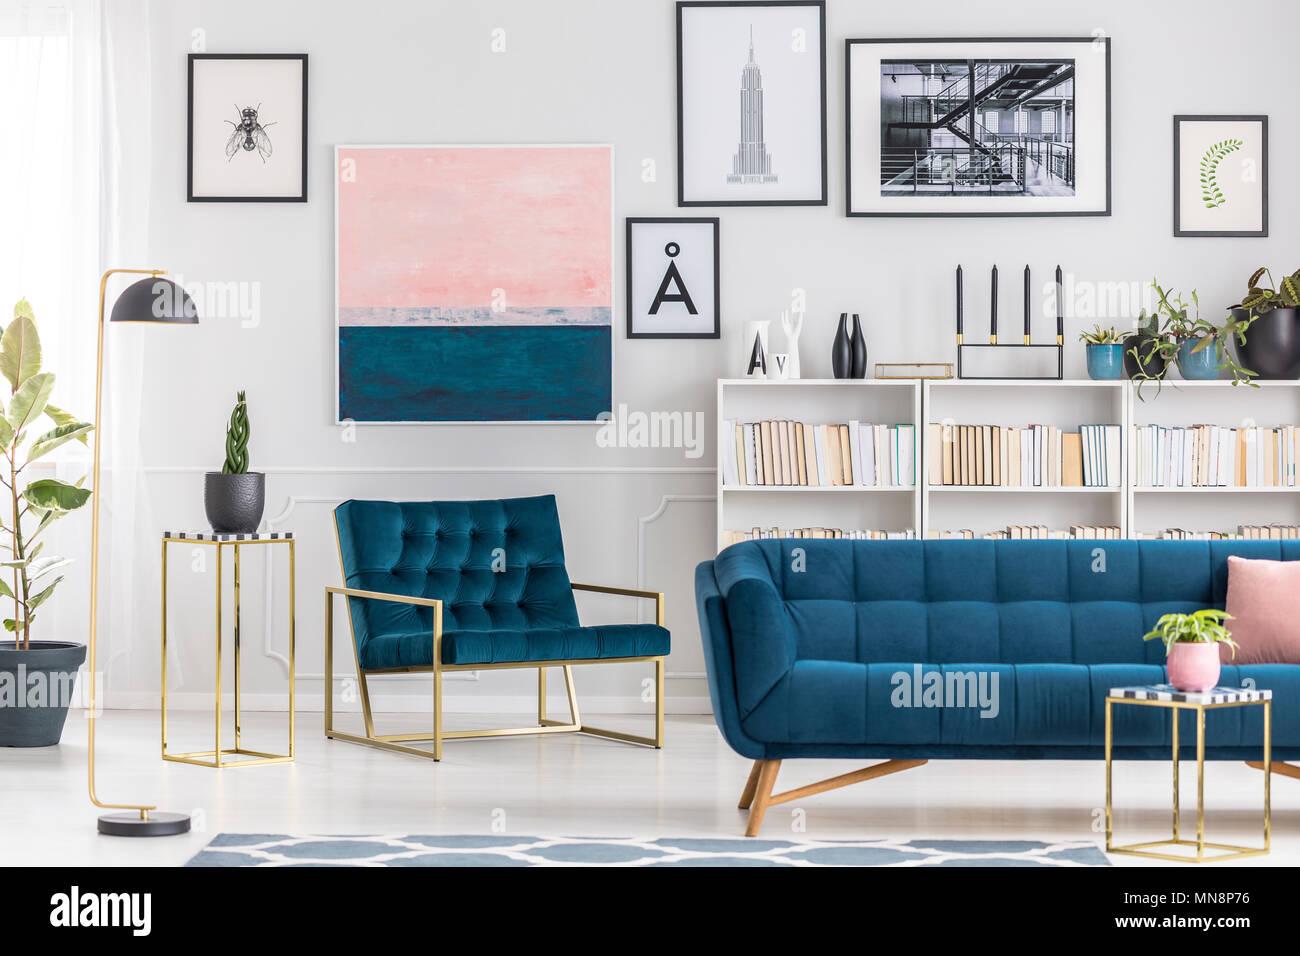 Bekannt Blaues Sofa IK46